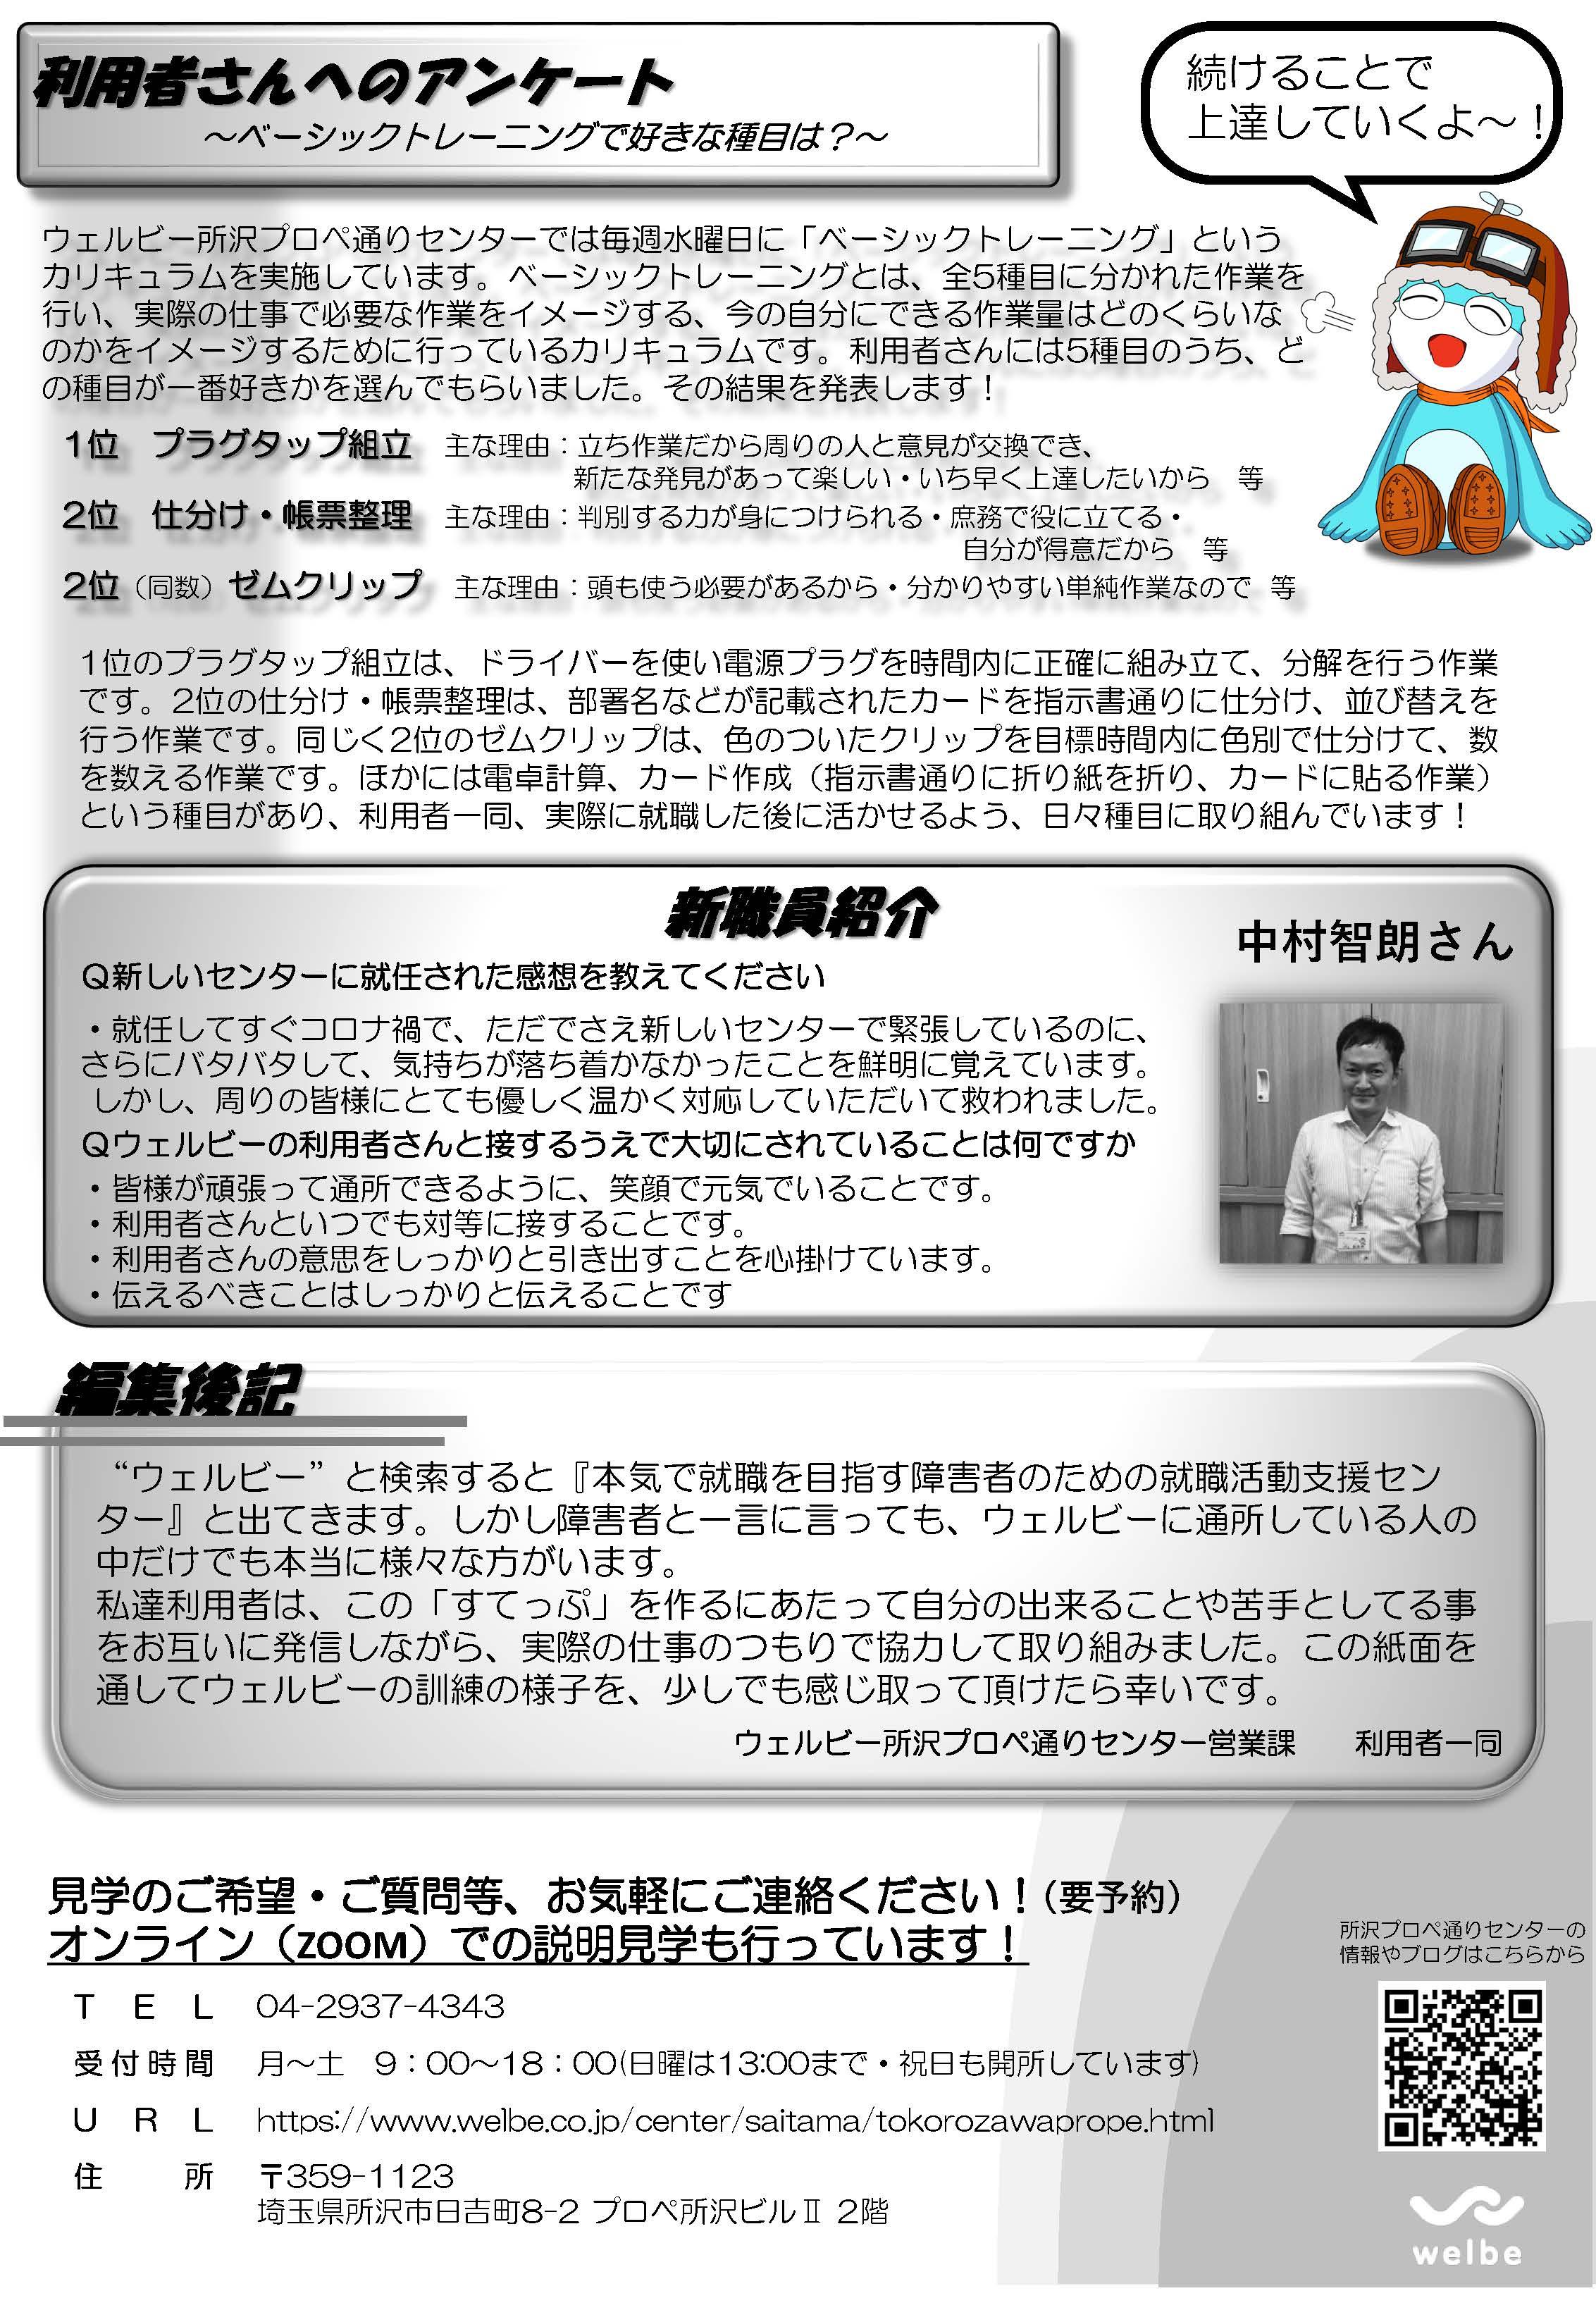 すてっぷ第4号_完成(ブログ用)1104_ページ_2